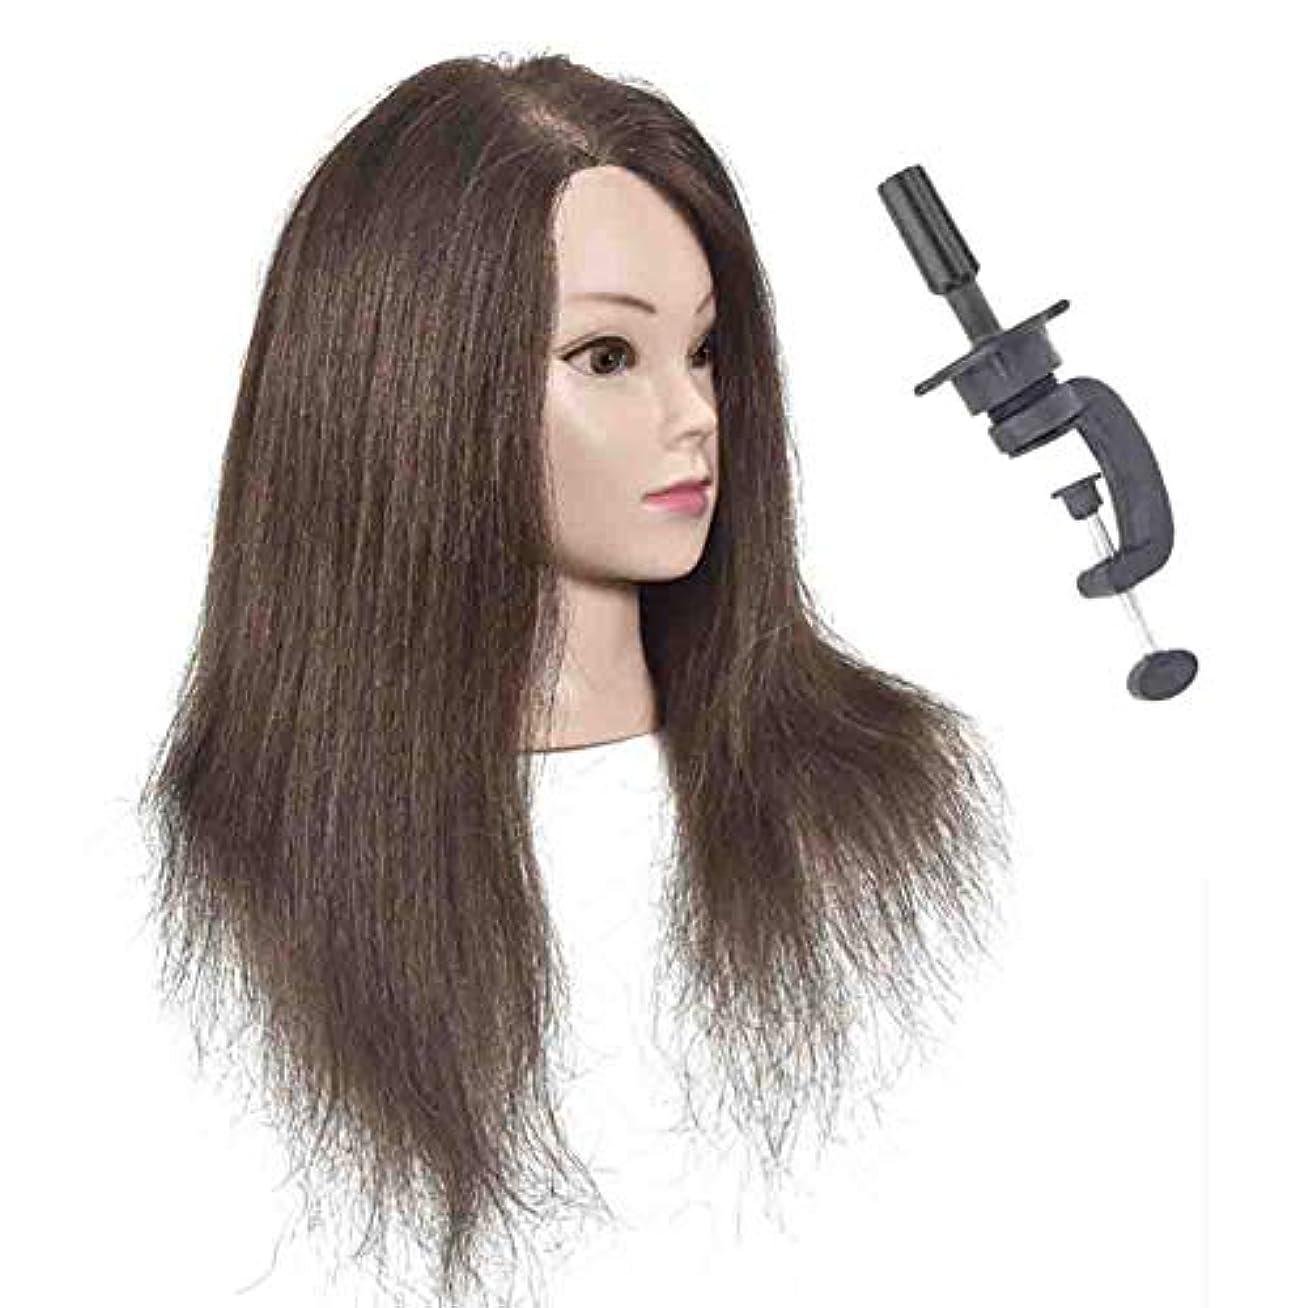 投げるフレームワークインタフェースリアルヘアワイヤーヘアティーチングヘッドパーマヘアウィービングヘアモデルヘアダイイング理髪ダミーヘッドモデル